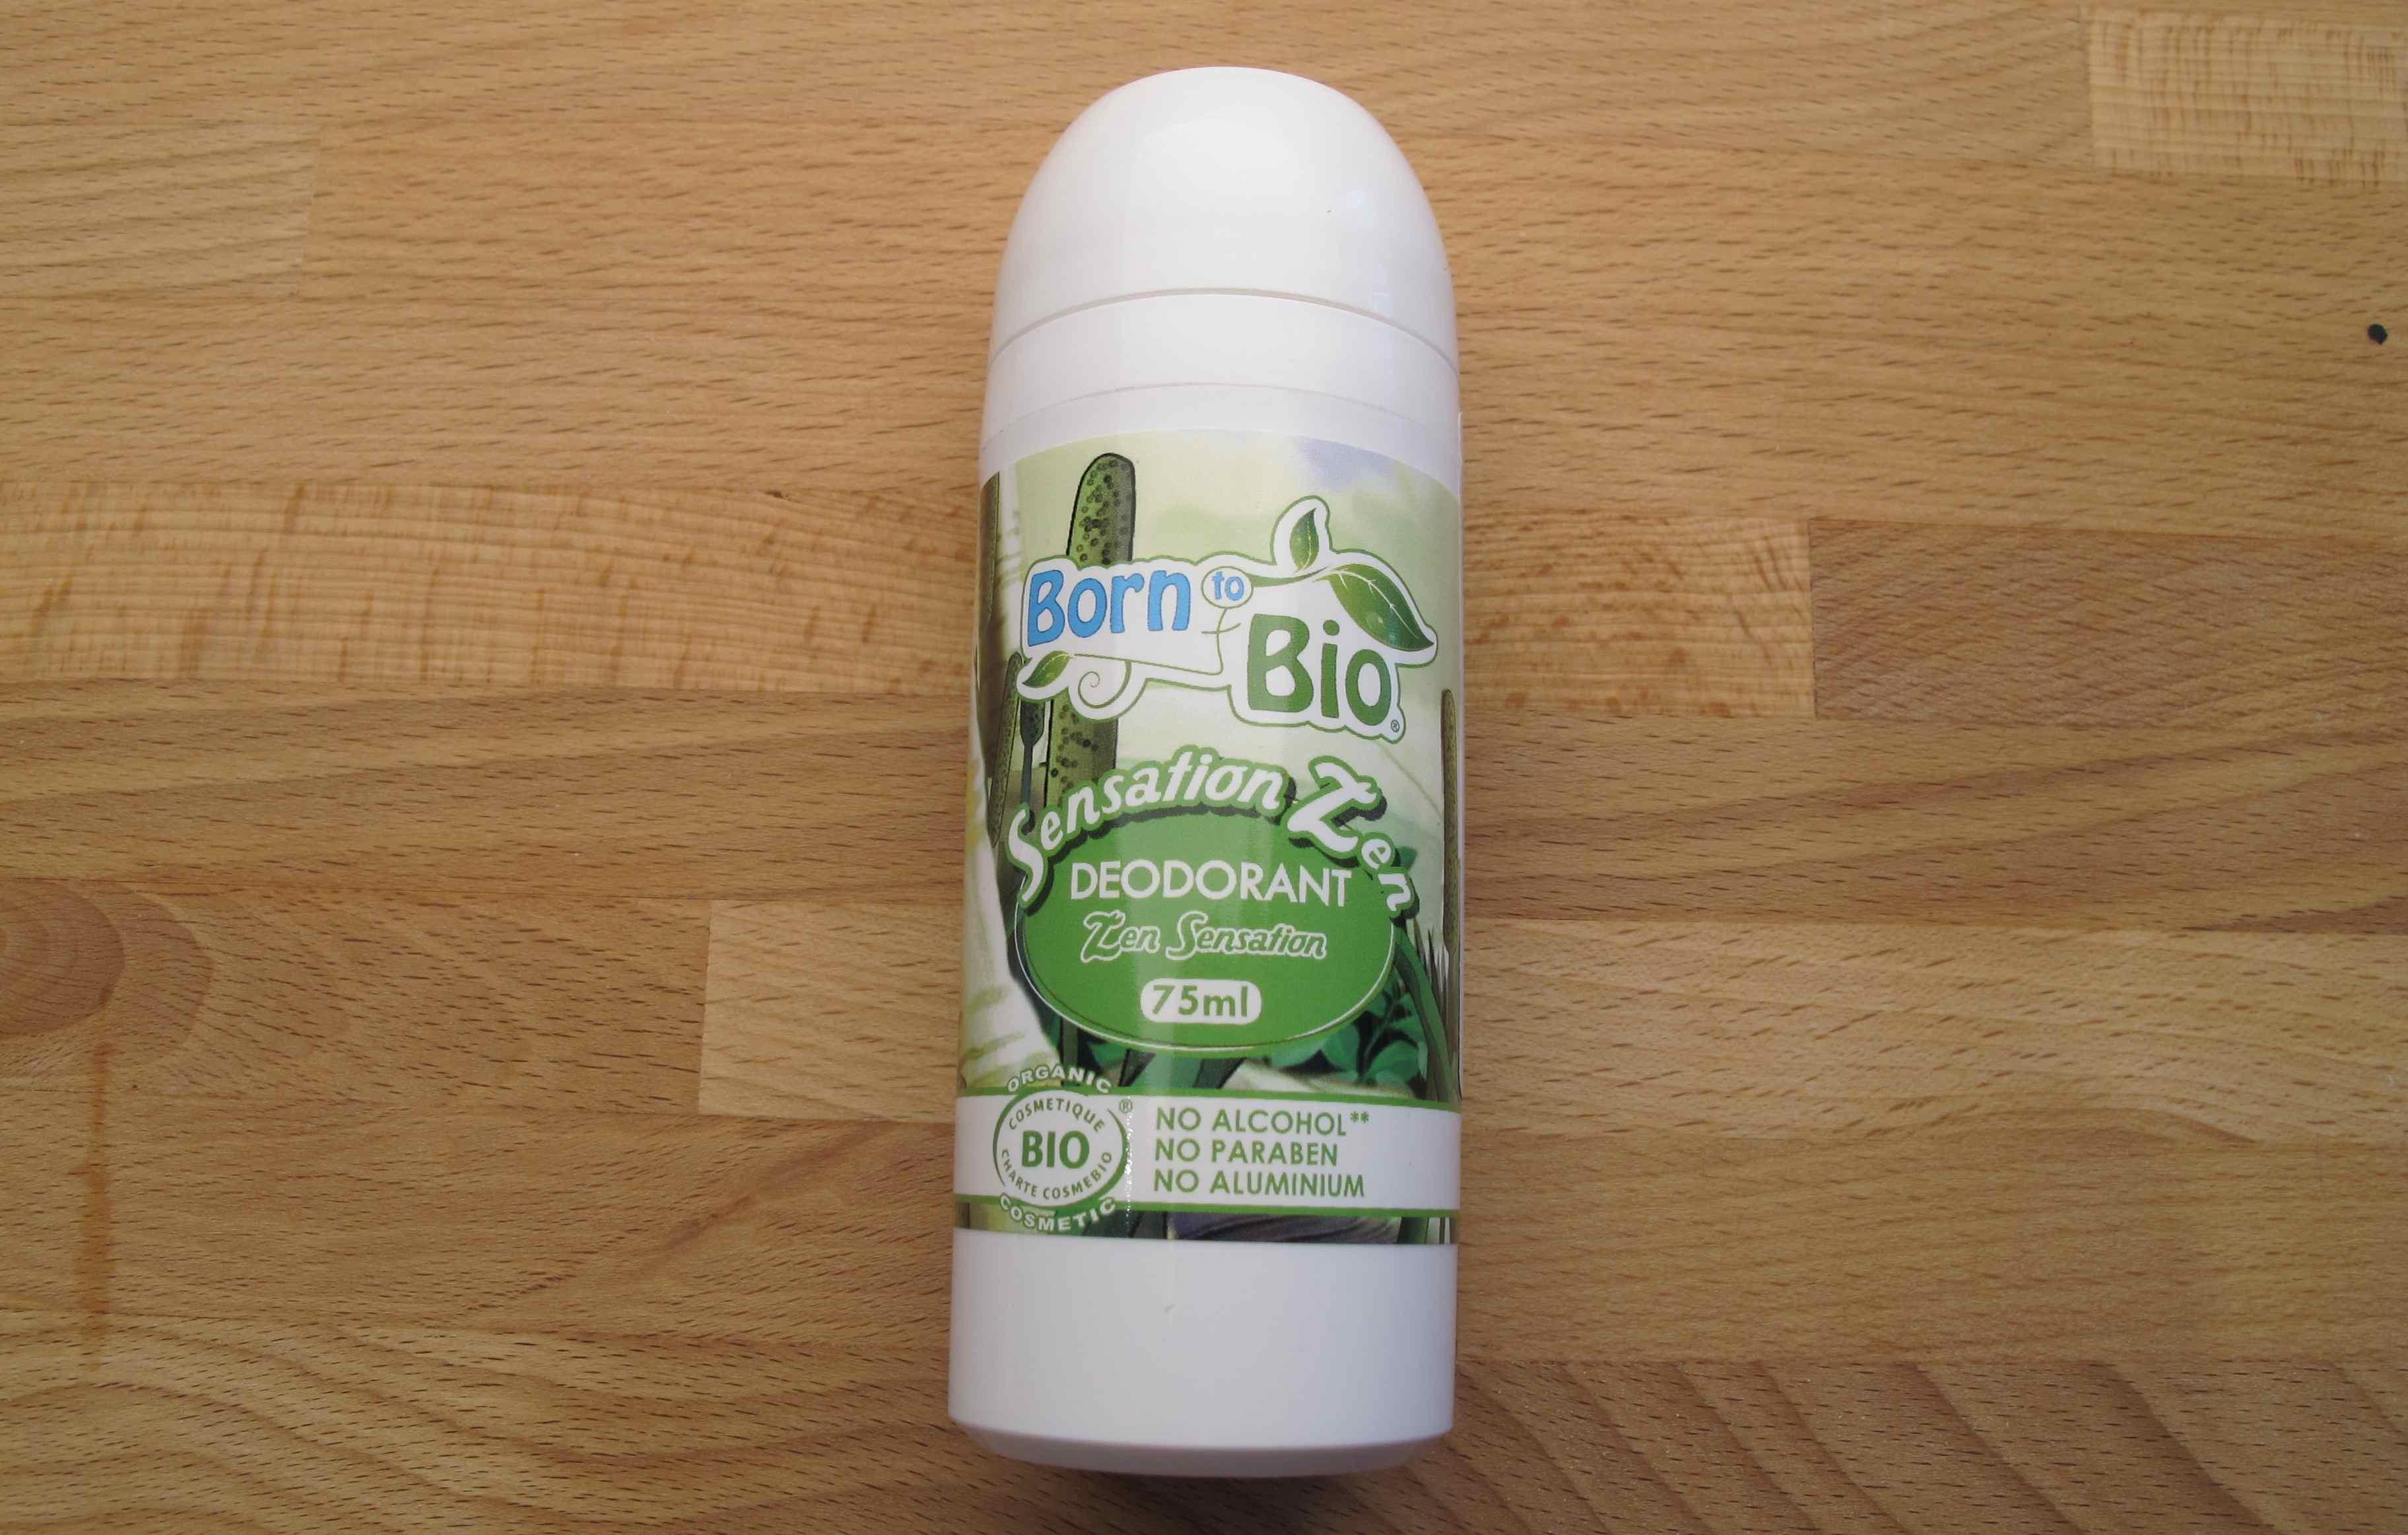 Born to Bio deodorant